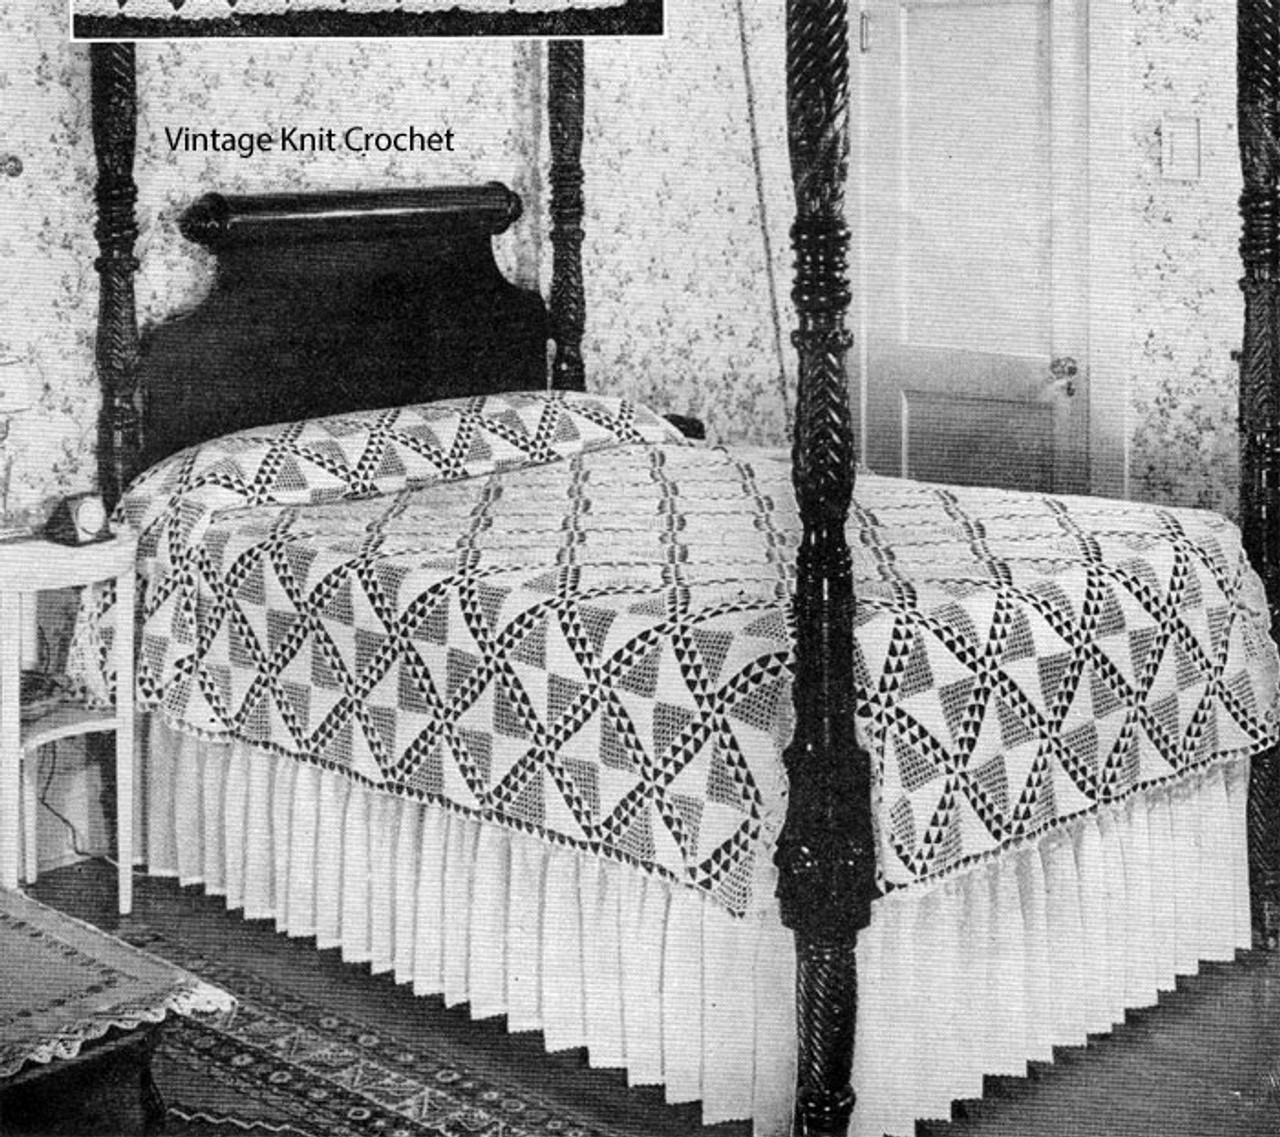 Vintage Triangle Bedspread Crochet Pattern, 1934